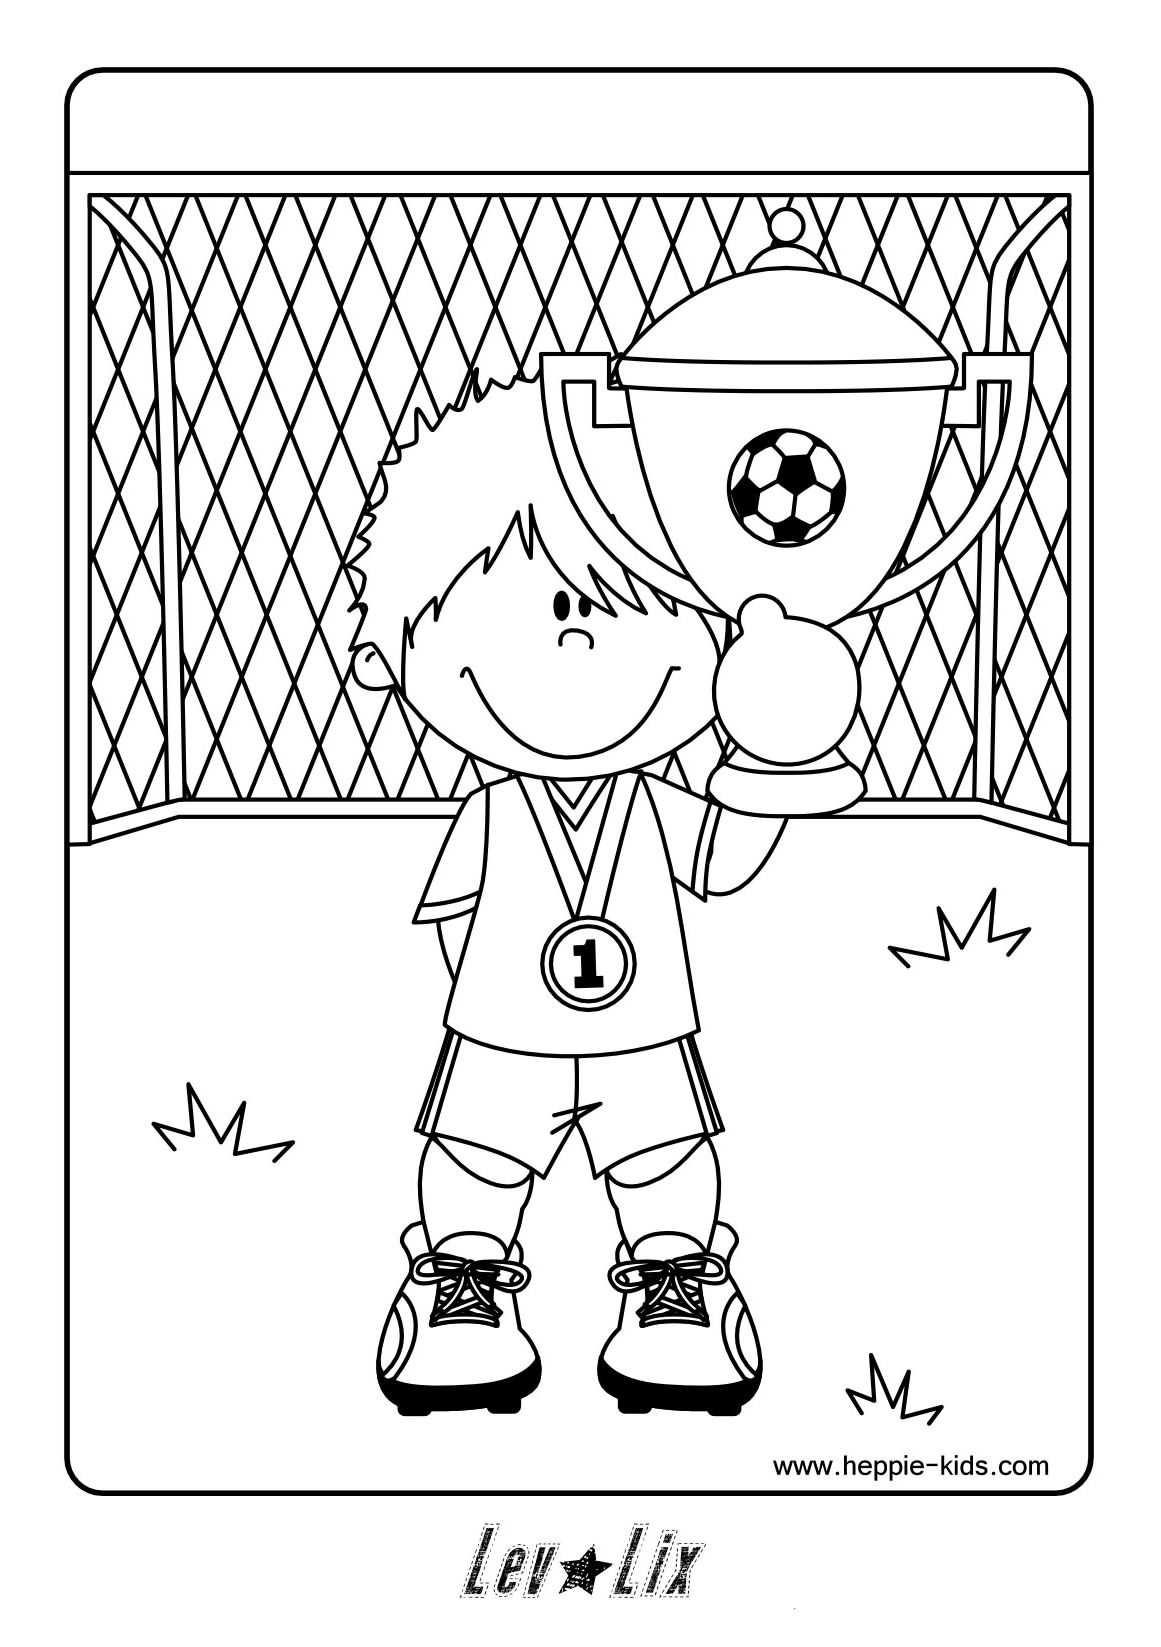 Kleurplaat Voetbal Kleurplaten Voetbal Knutselen Voetbal